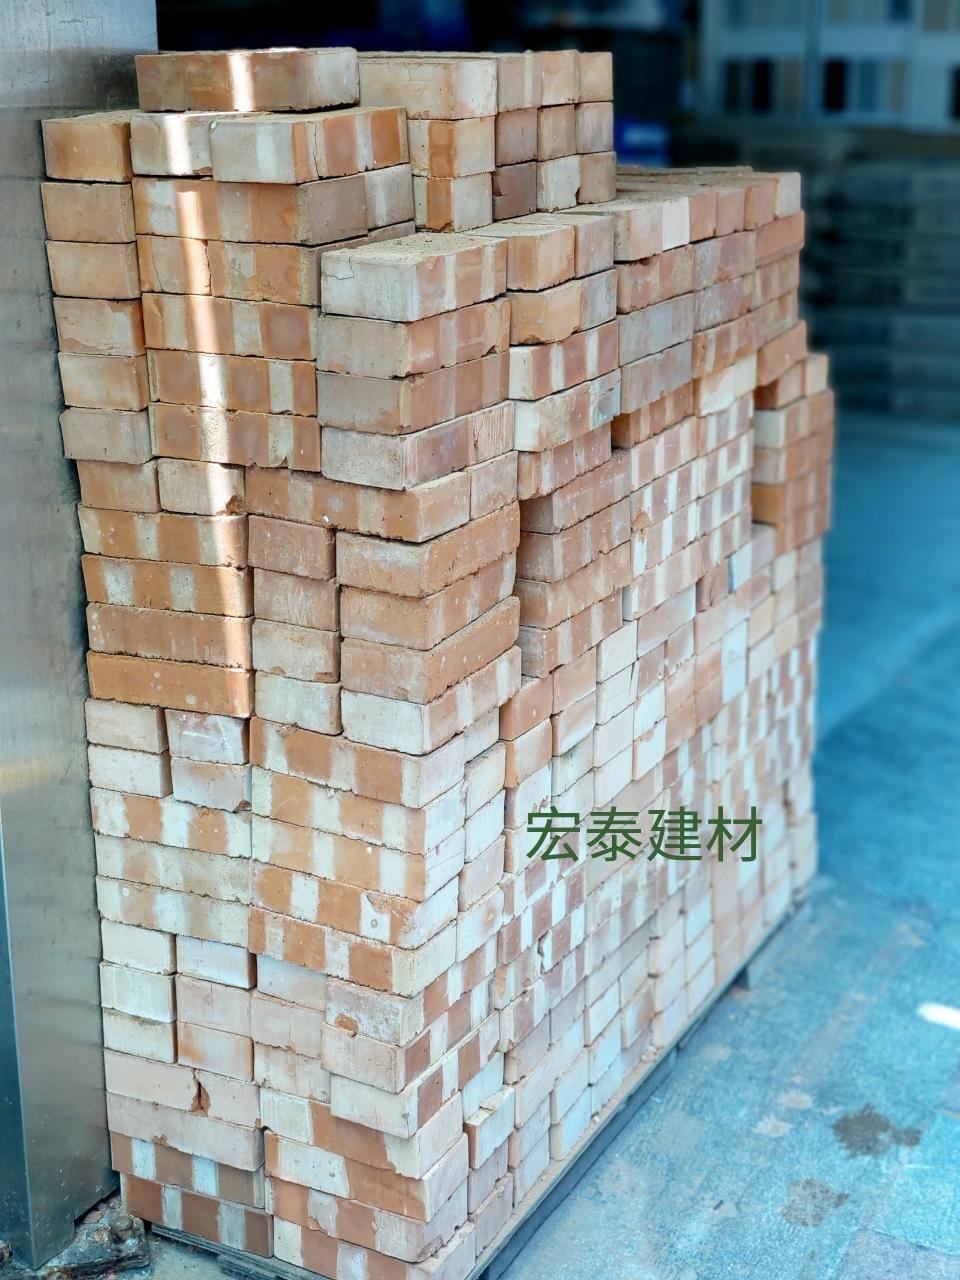 [台北市宏泰建材] 紅磚~約19.3x8.5x4.2公分(另有售空心磚)